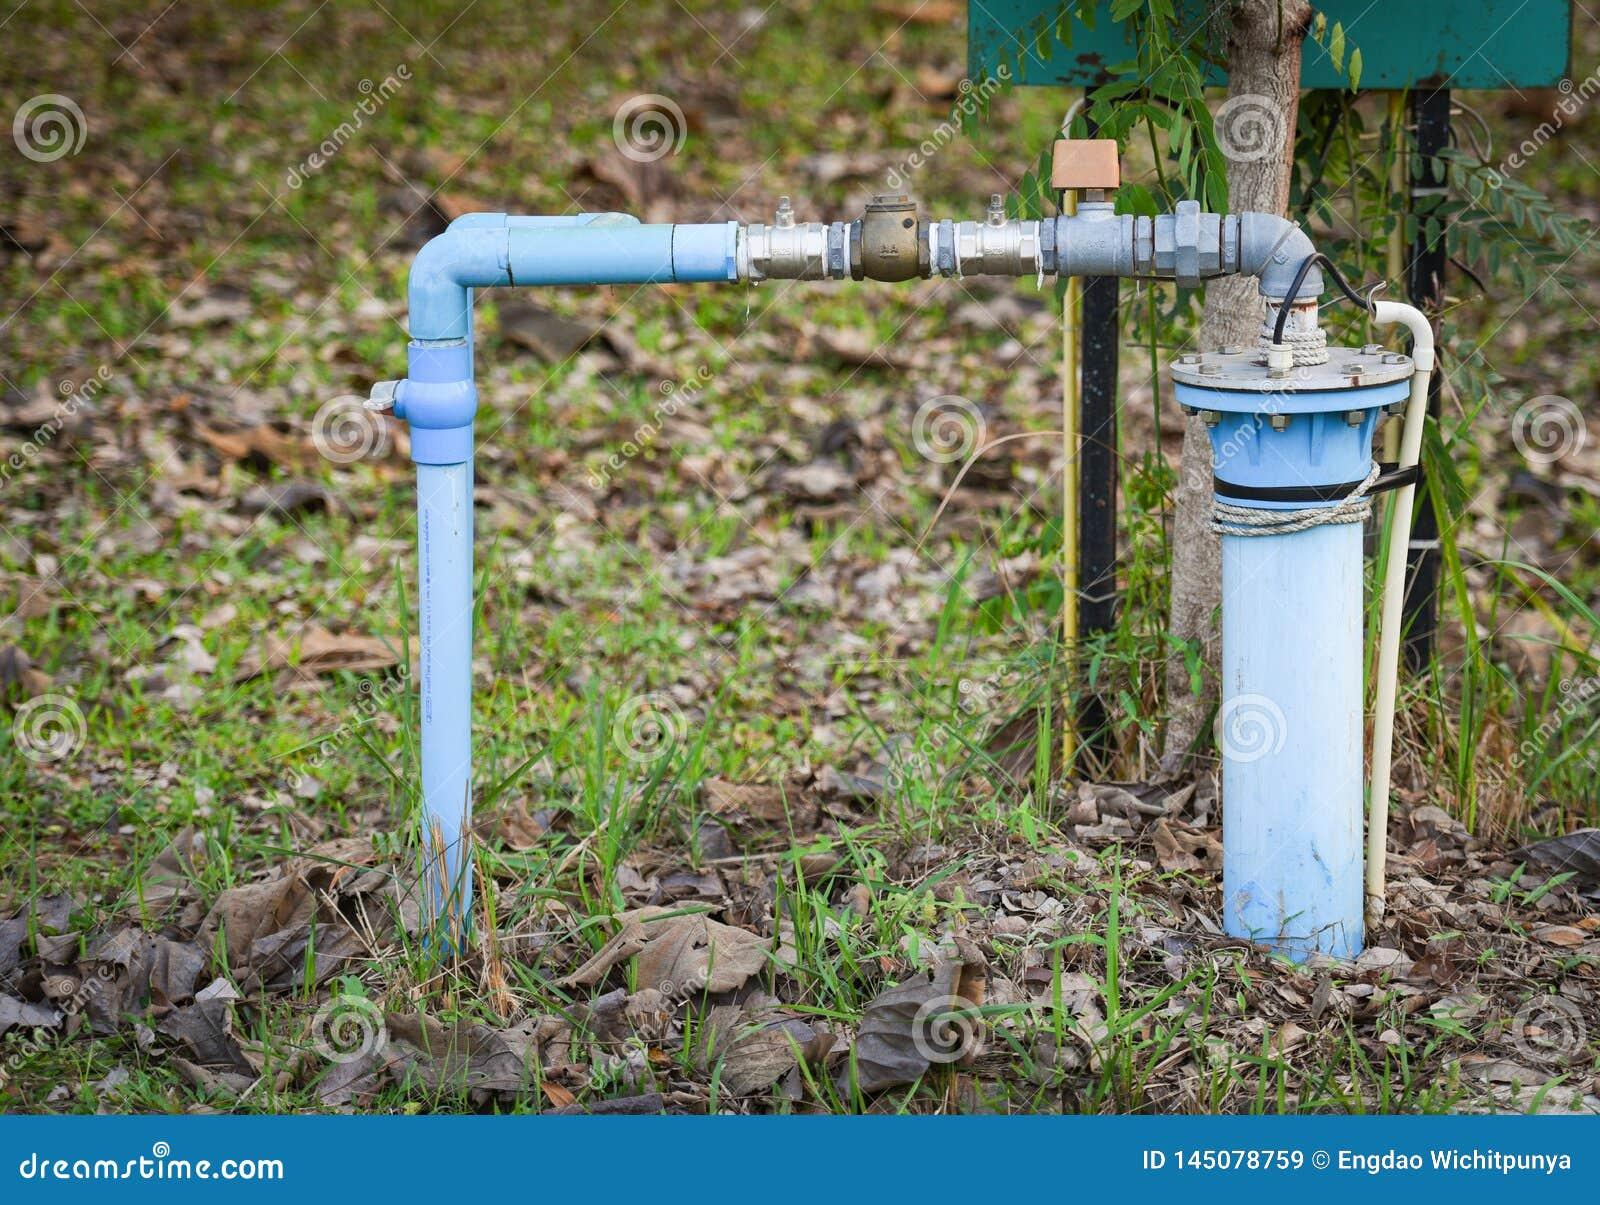 Grundwasser gut mit versenkbarem Pumpenwasser PVC-Rohres und des elektrischen Tiefbrunnens des Systems